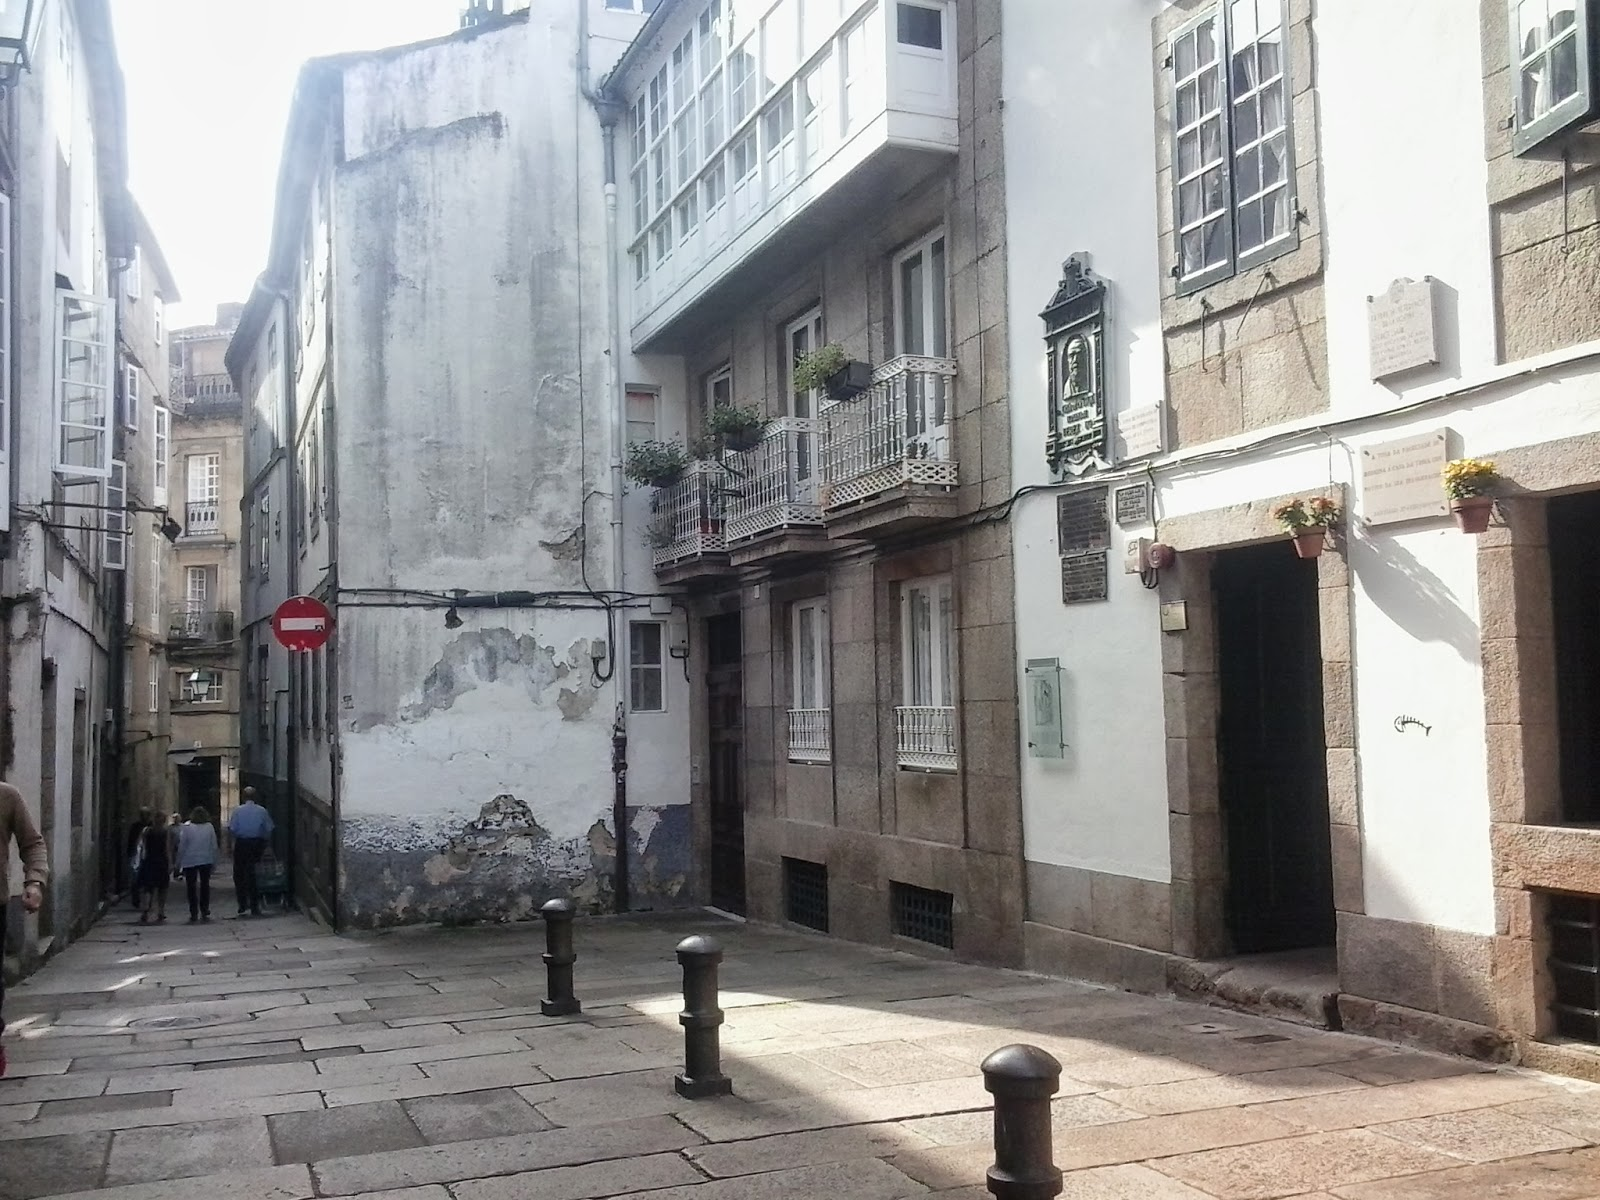 Blog del periodista luis negro marco la casa de la troya libro que dio fama mundial a la - La casa del libro santiago de compostela ...